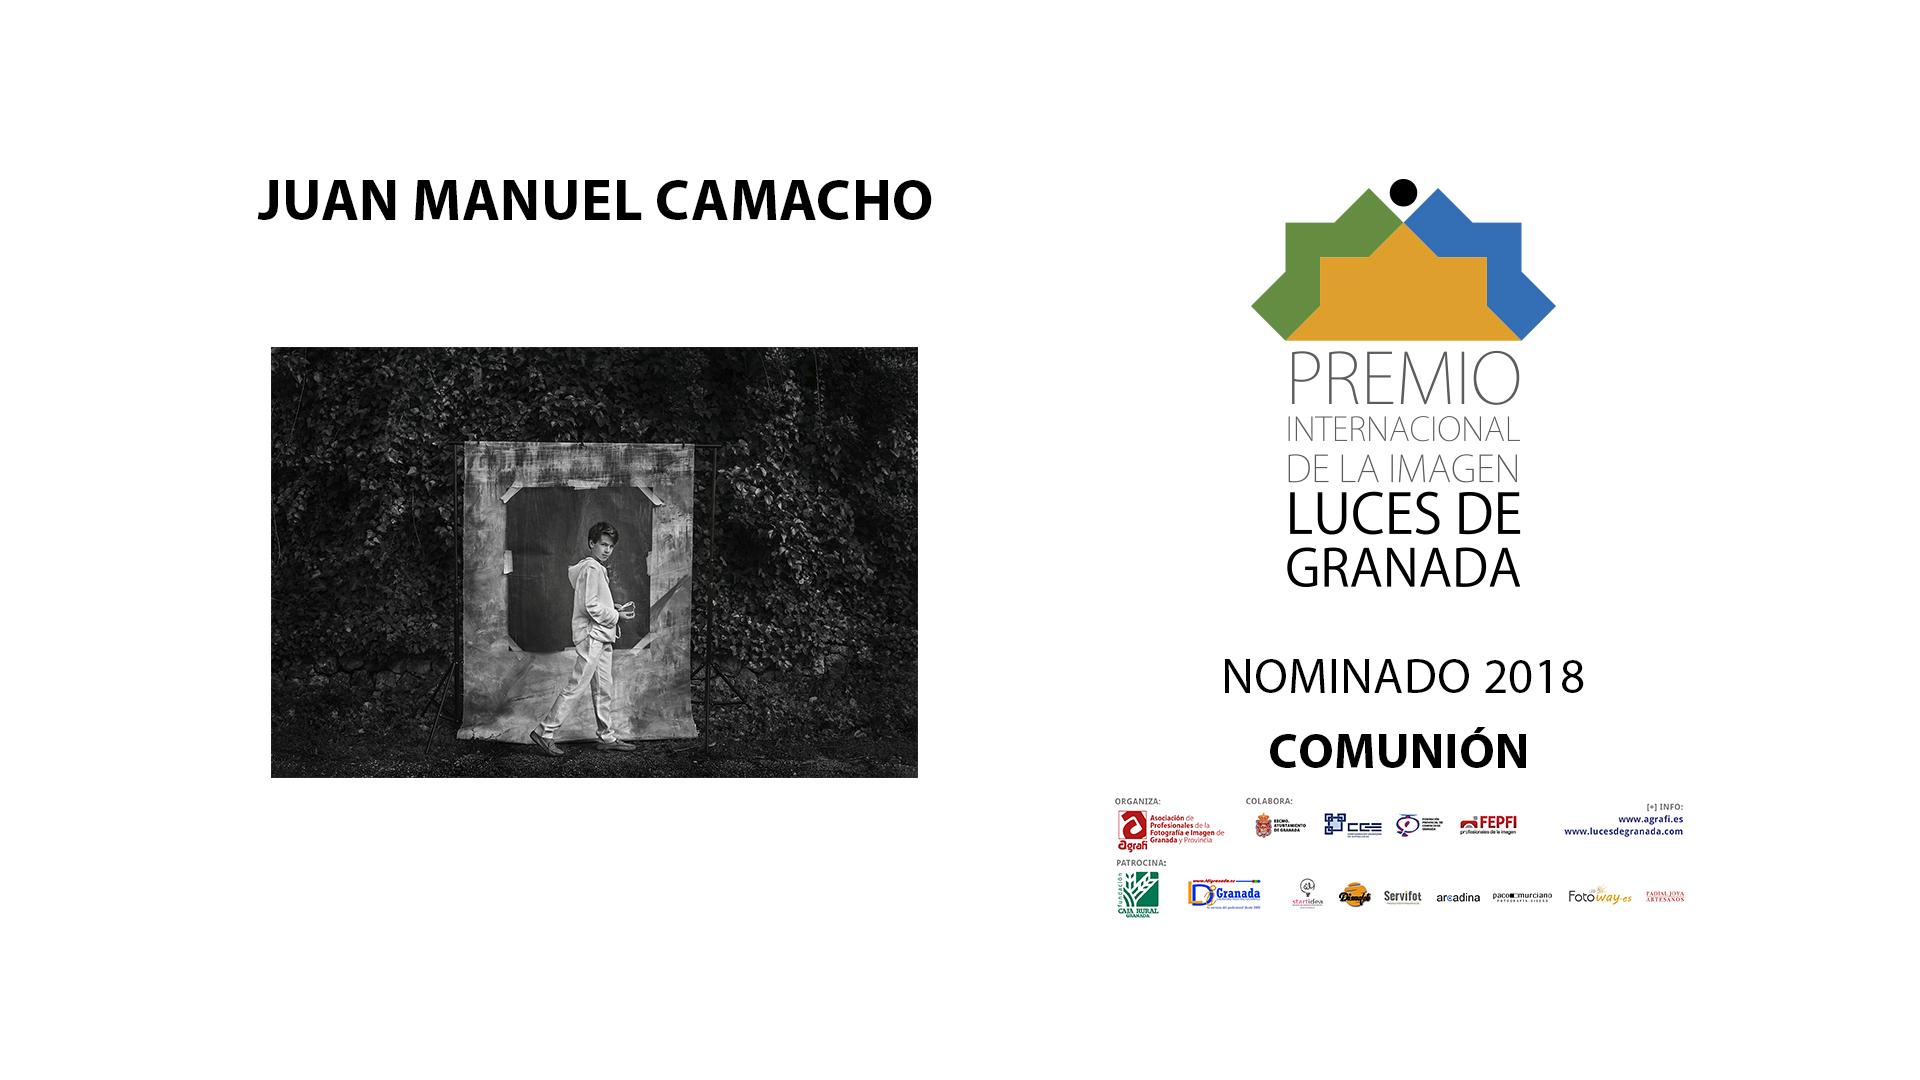 COM_JUAN_MANUEL_CAMACHO_02